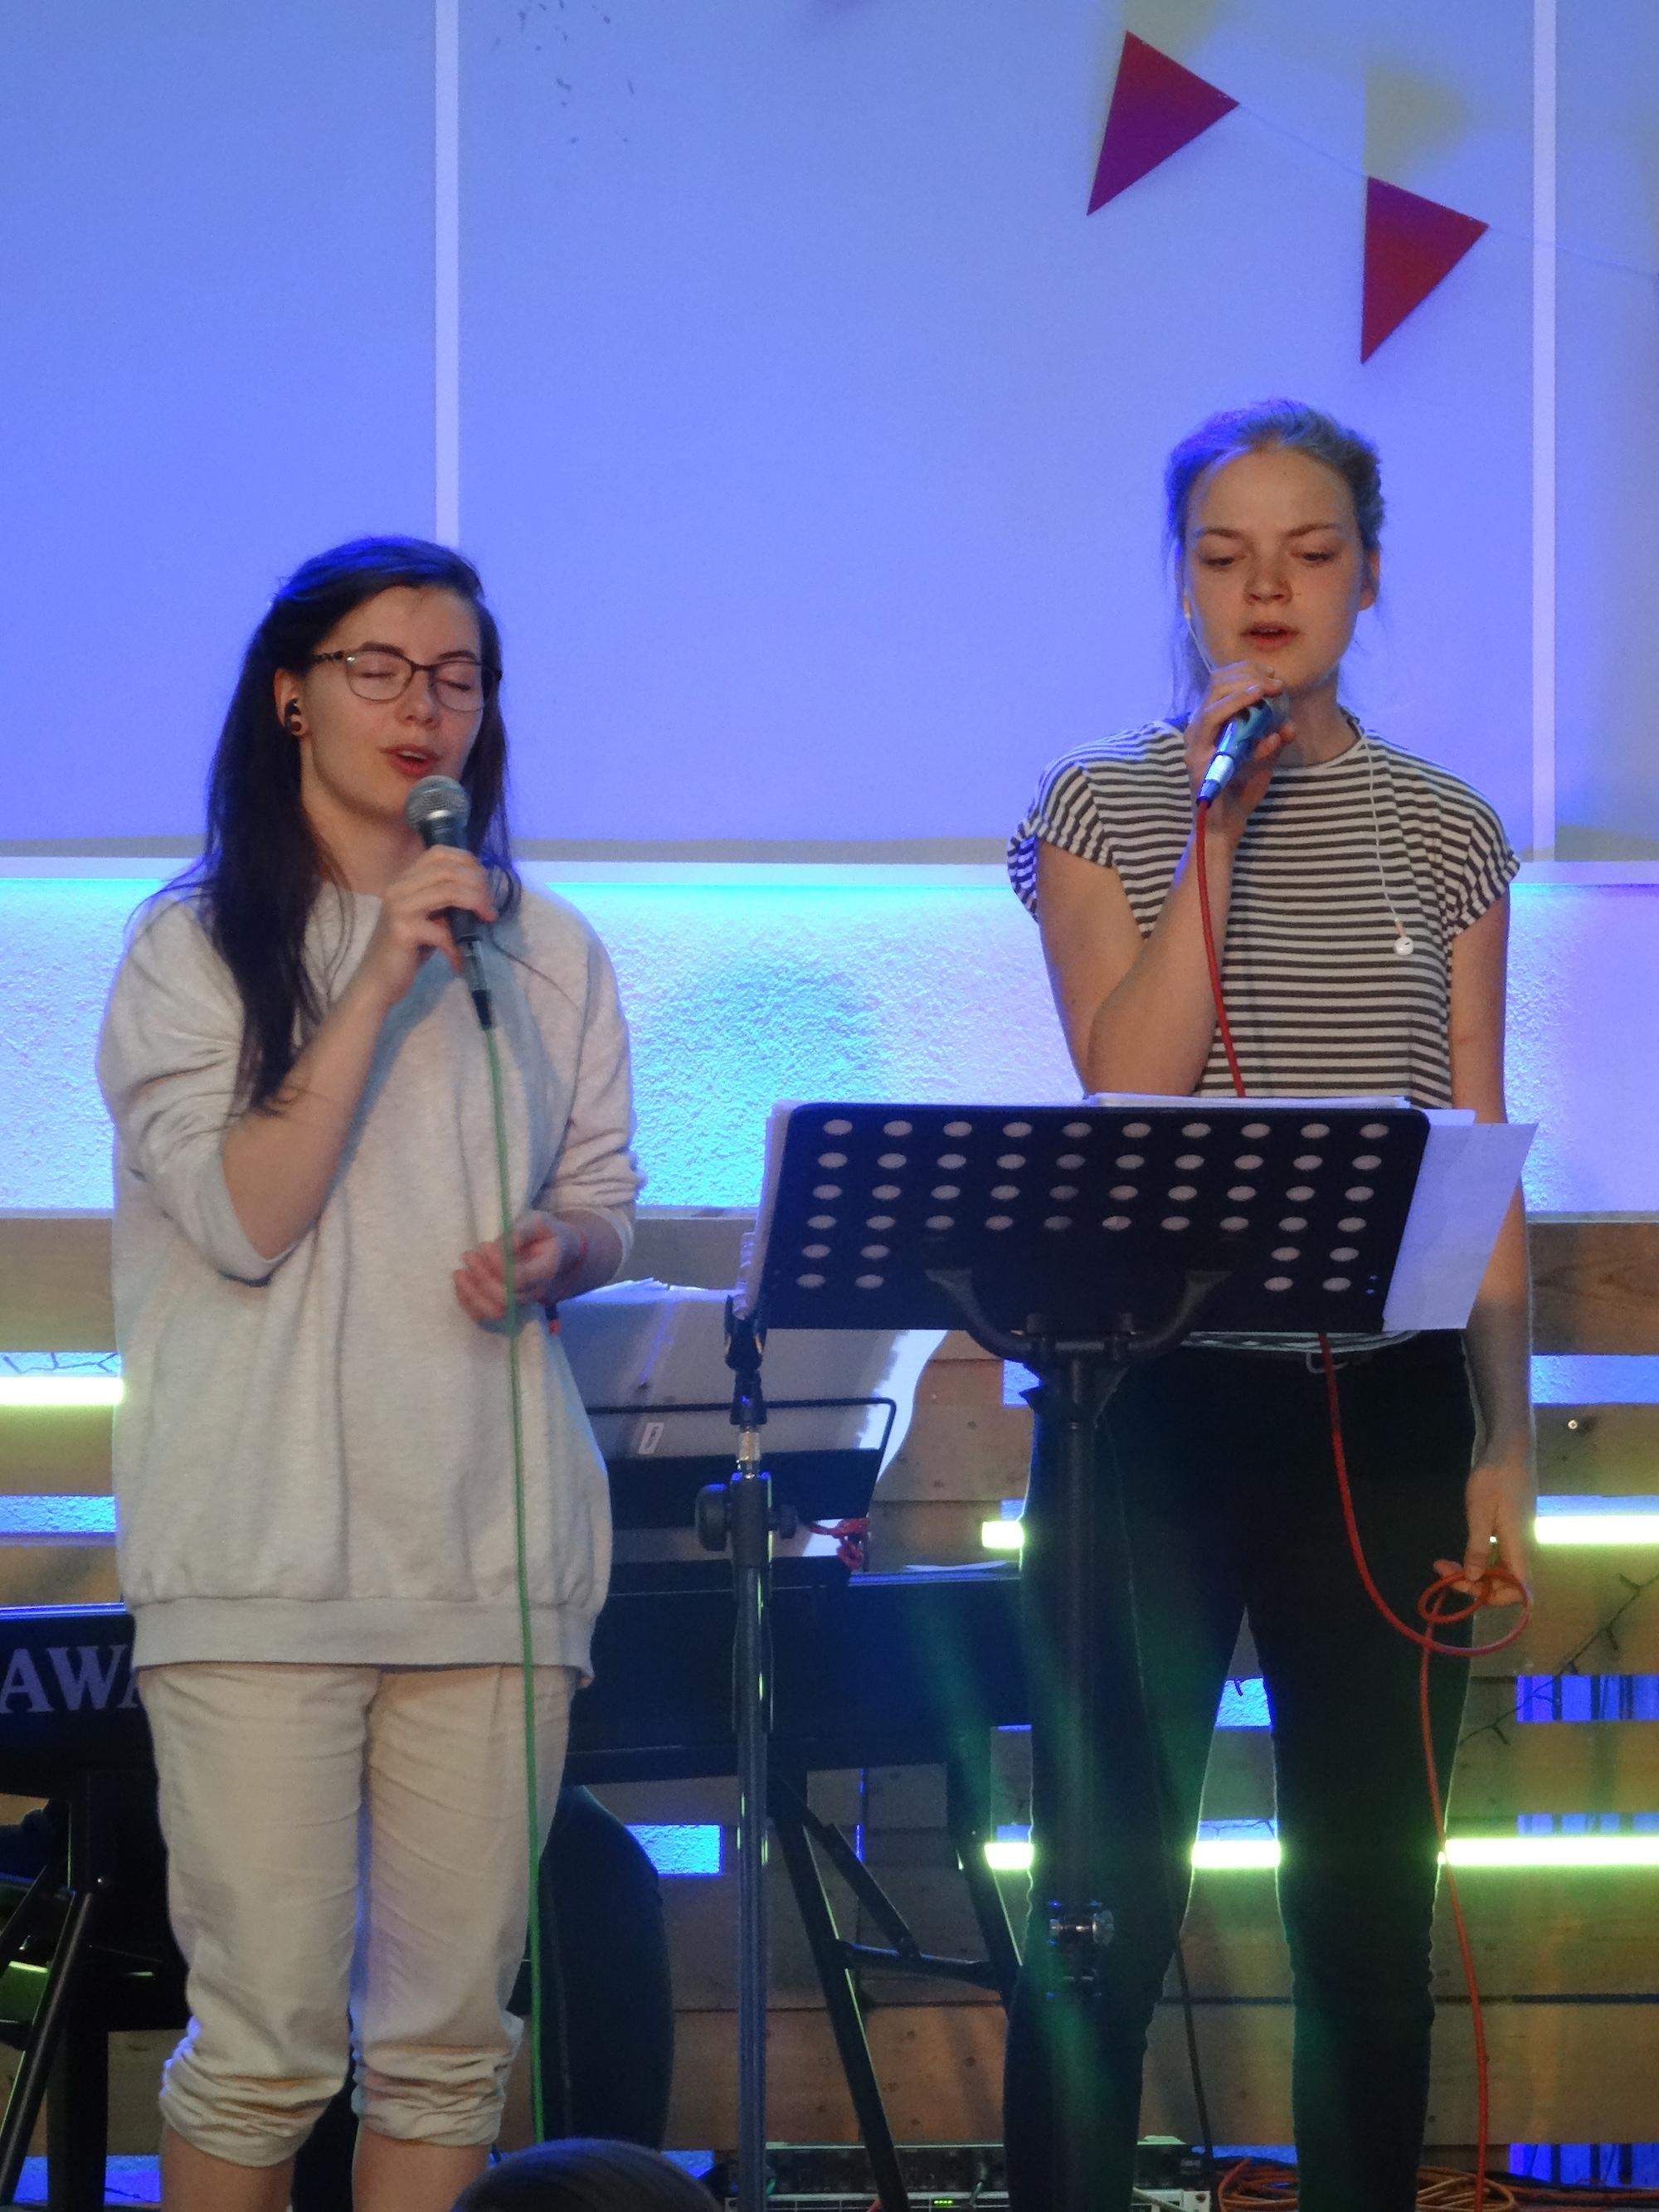 OJT'19 - Sängerinnen